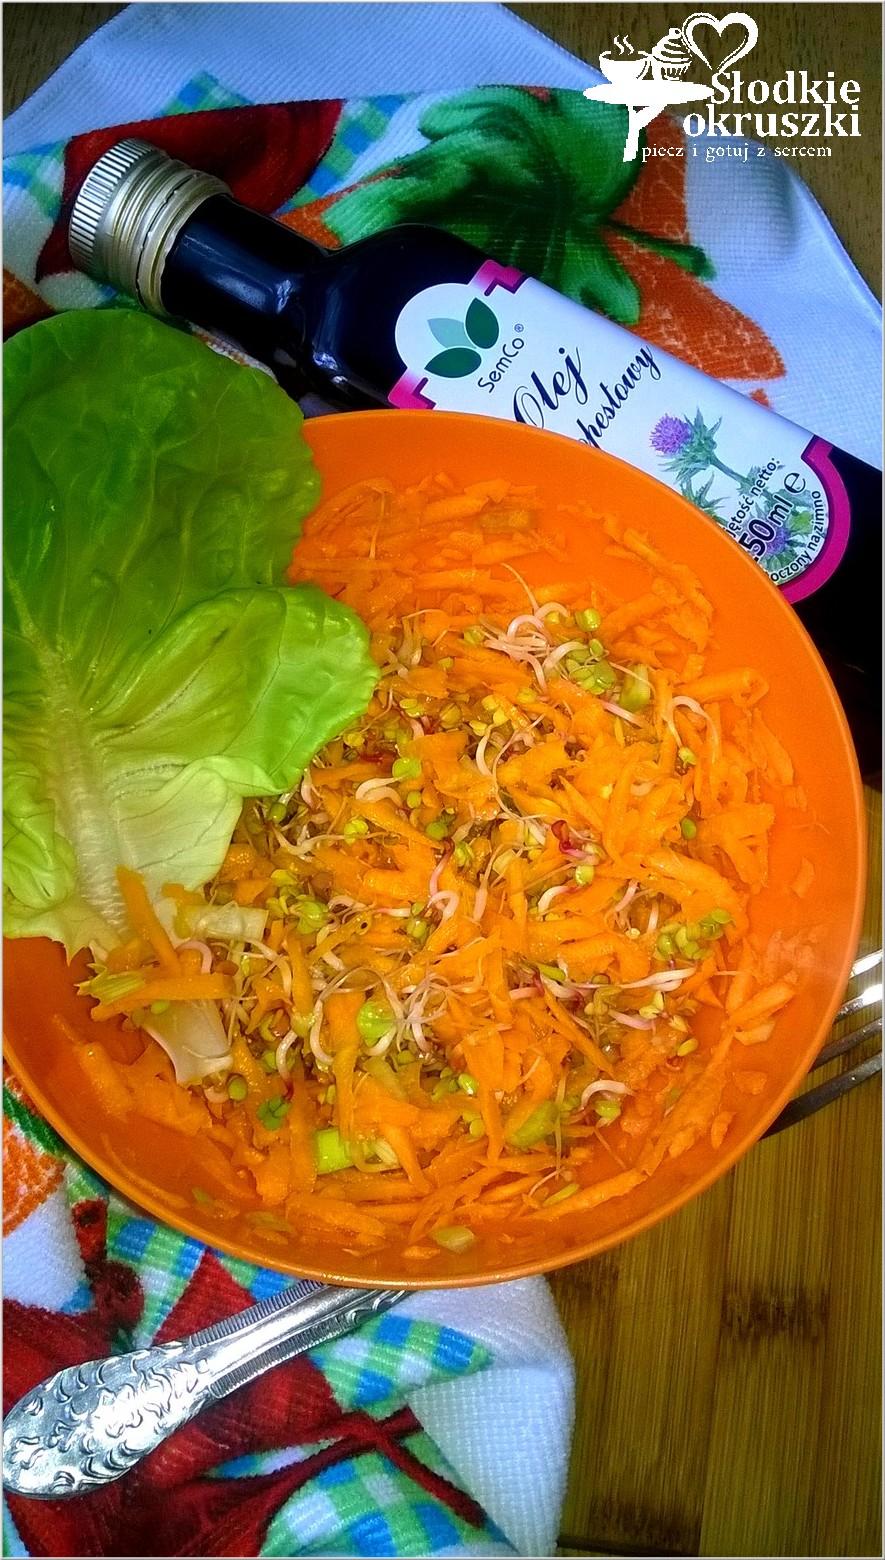 Zdrowa surówka marchewkowa z kiełkami i olejem ostropestowym SemCo